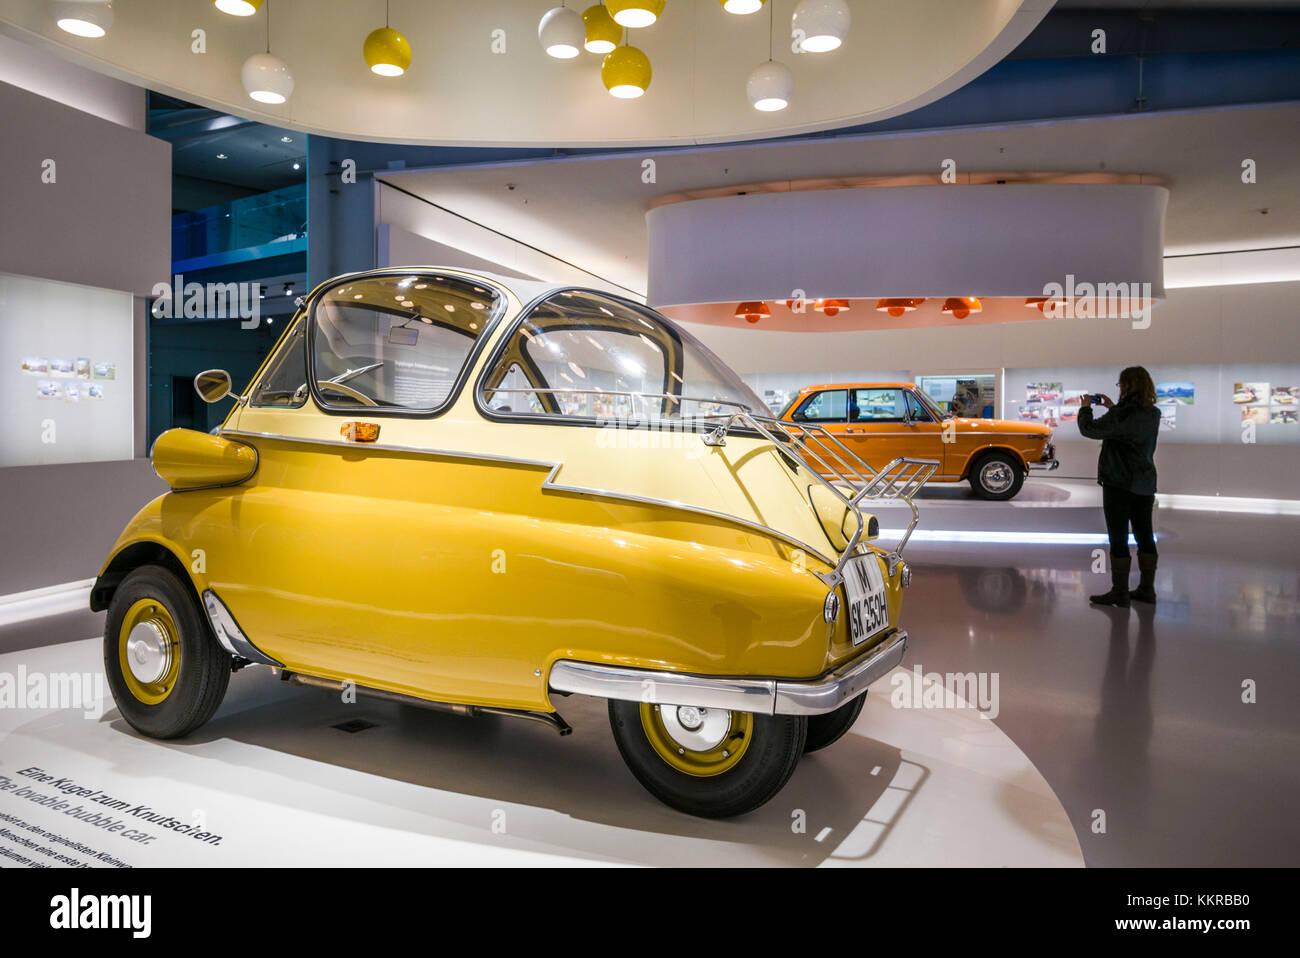 Germany, Bavaria, Munich, BMW Museum, 1955 BMW Isetta bubble car ...